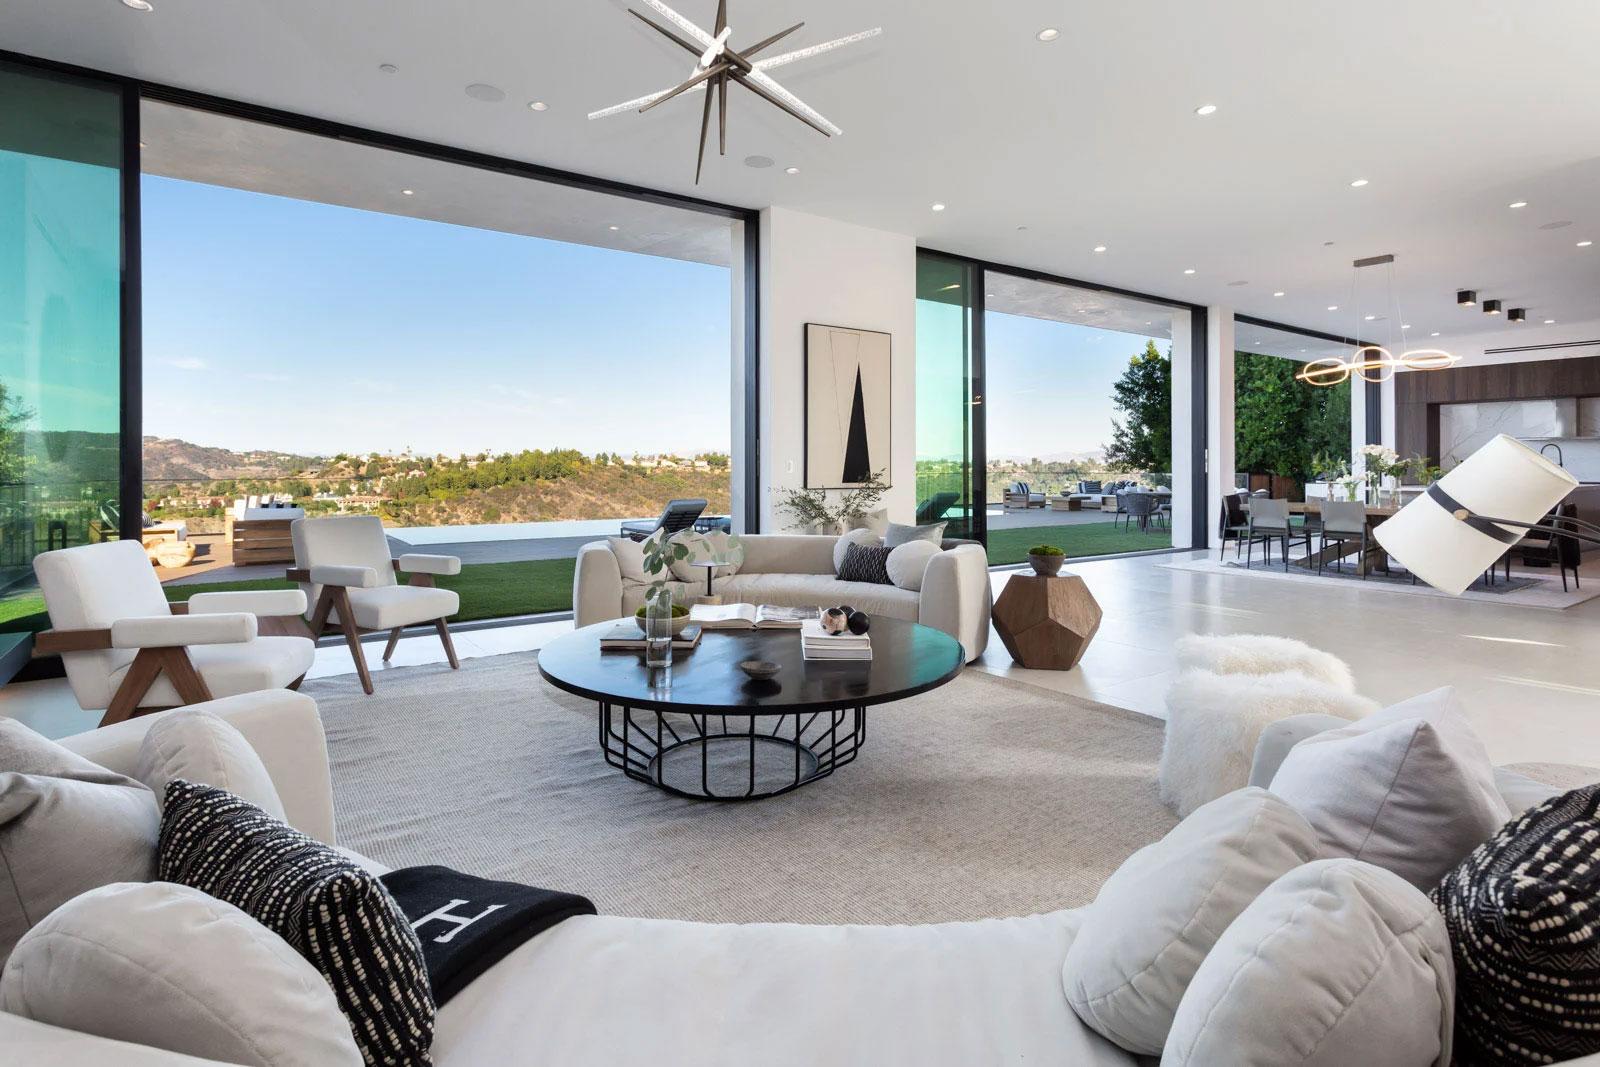 Top 6 Interior Design Trends In 2021   MCoastal